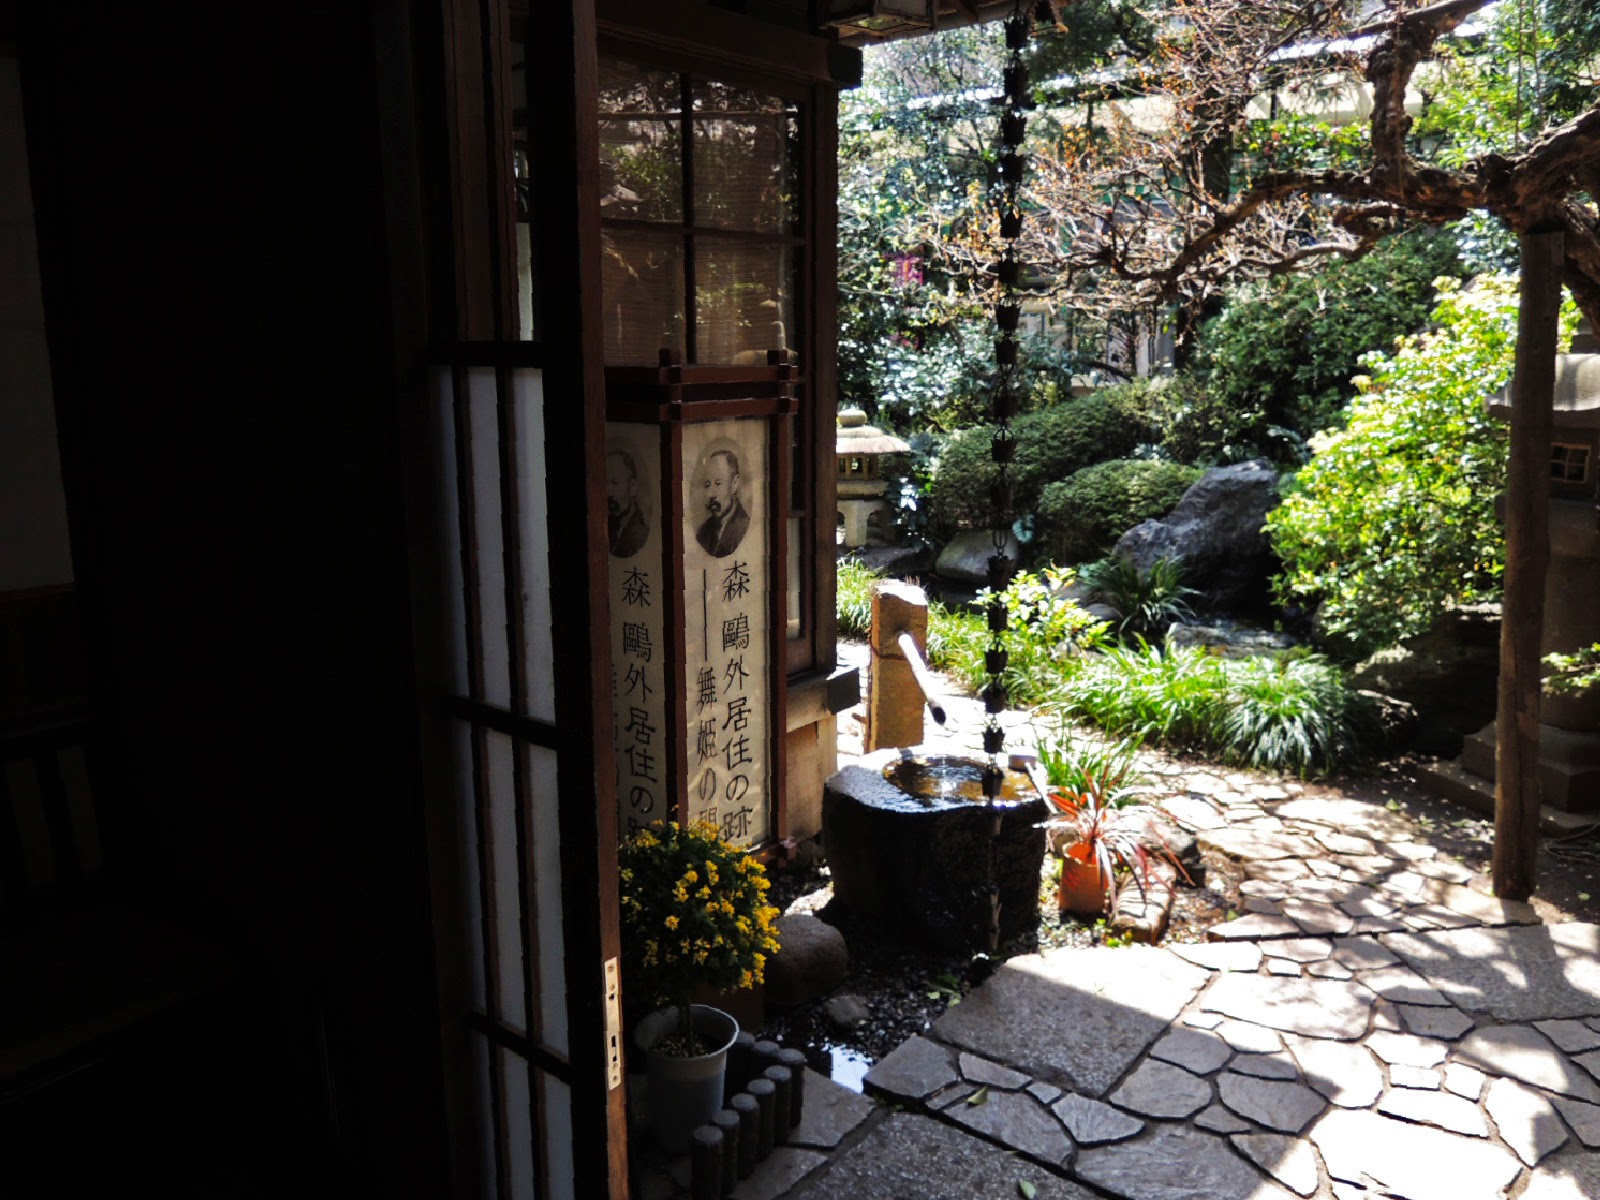 東京観光 鷗外荘